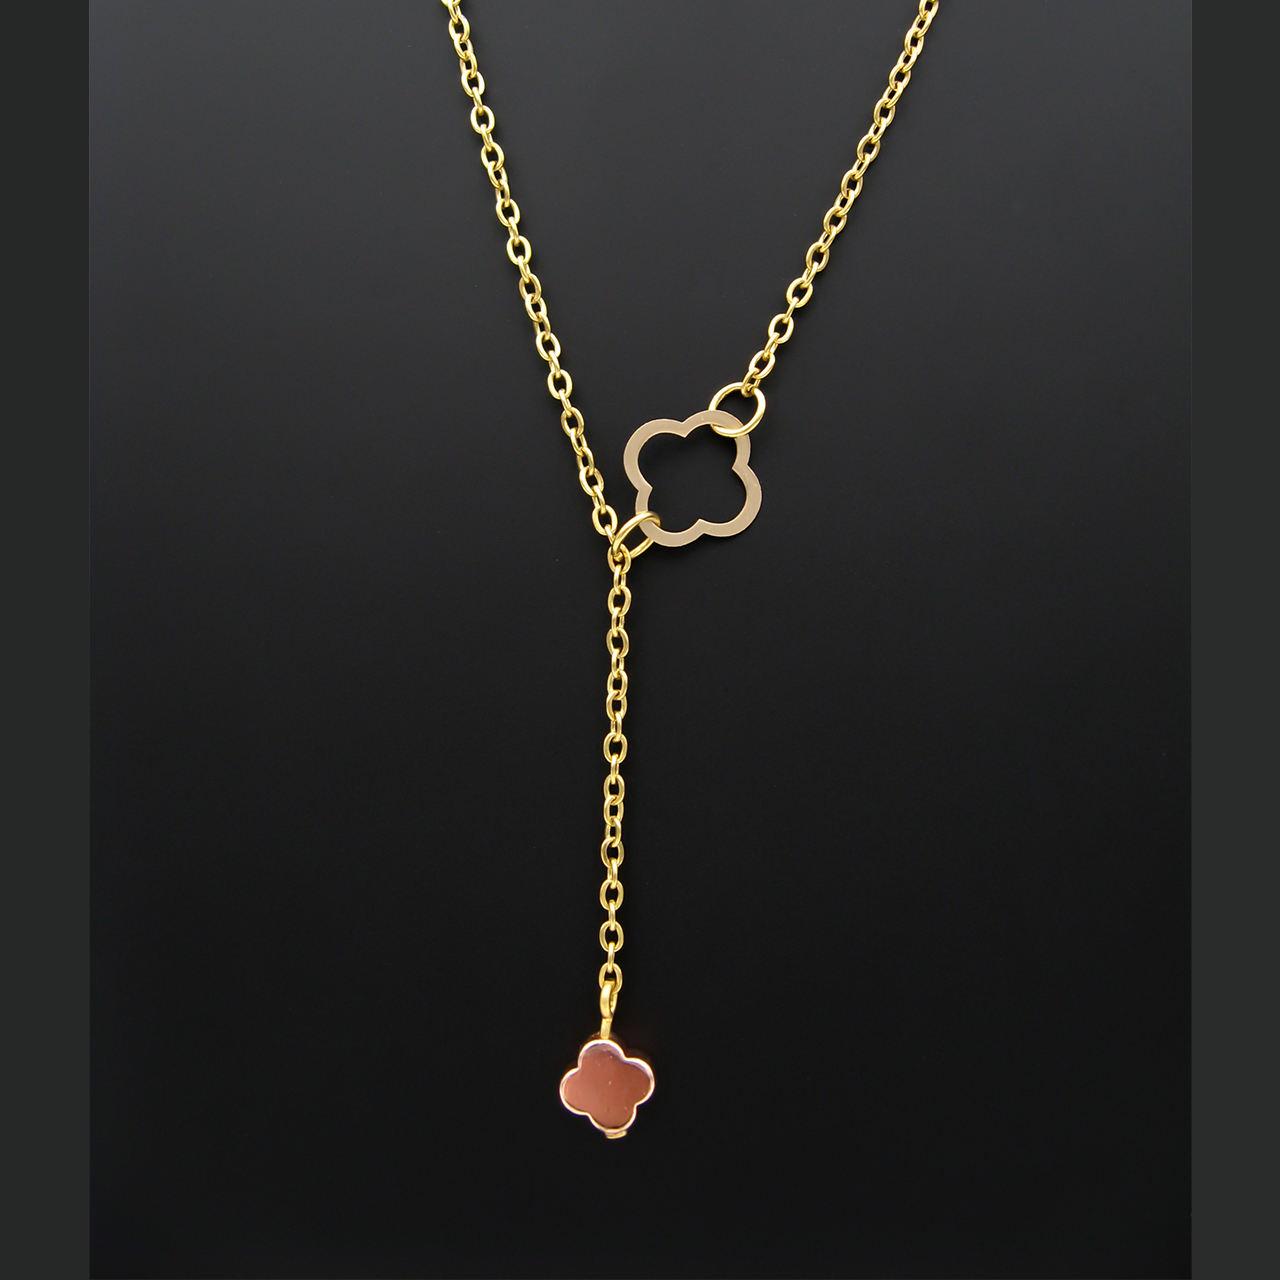 گردنبند طلا 18 عیار زنانه مانچو کد sfg652 -  - 4